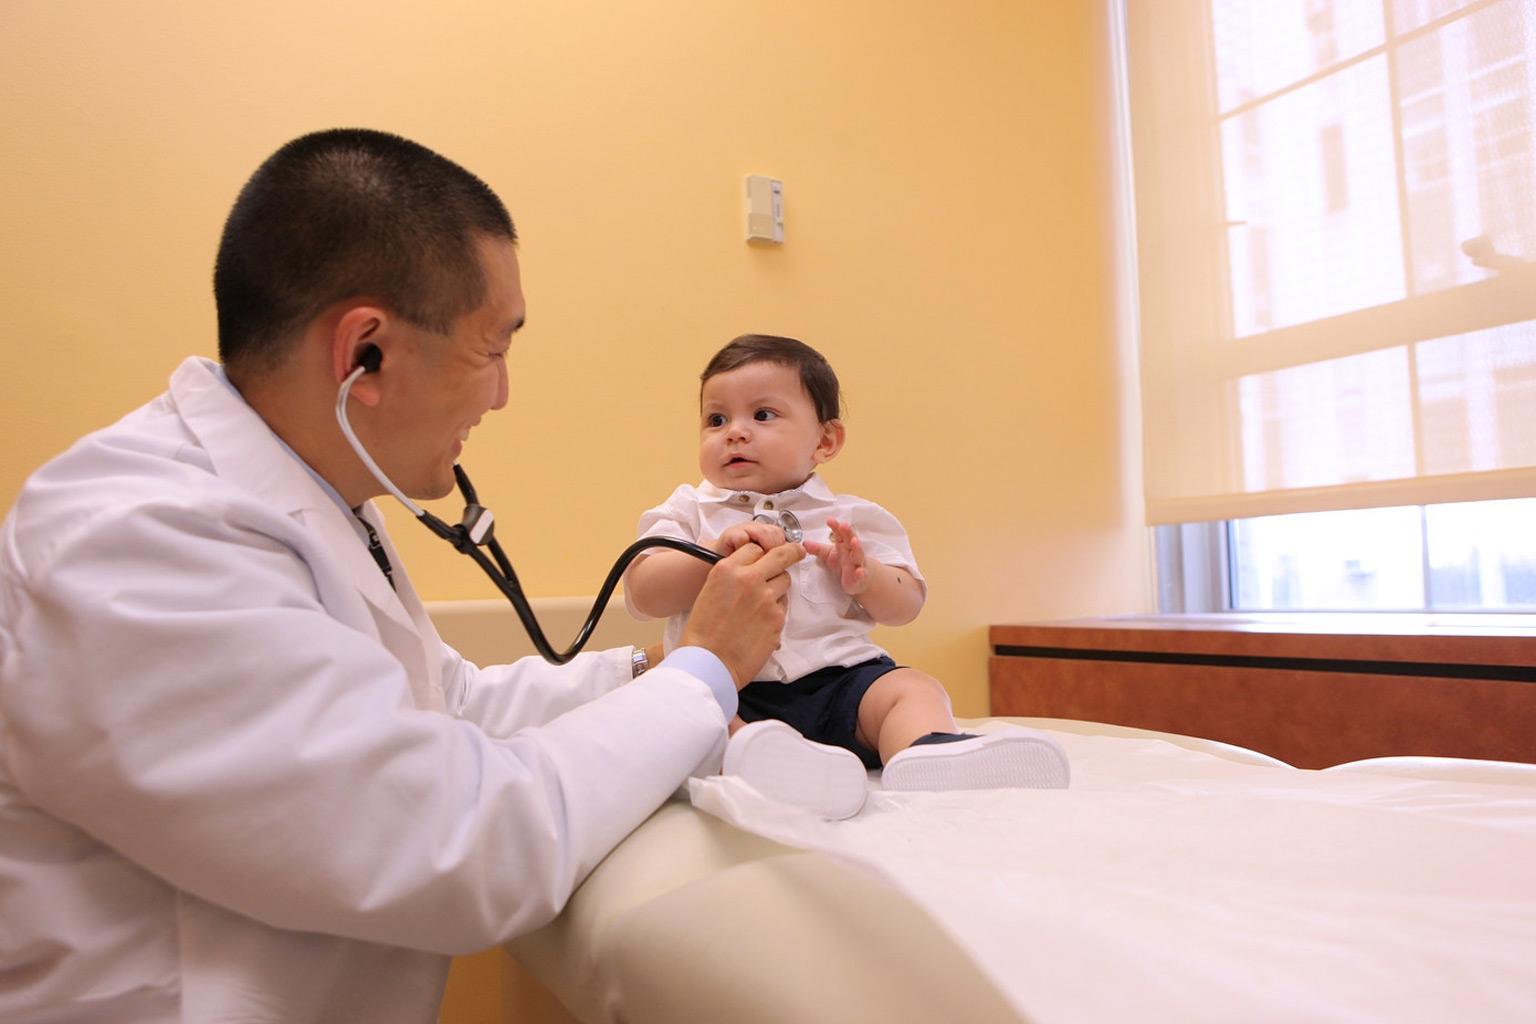 Pediatrics Photo